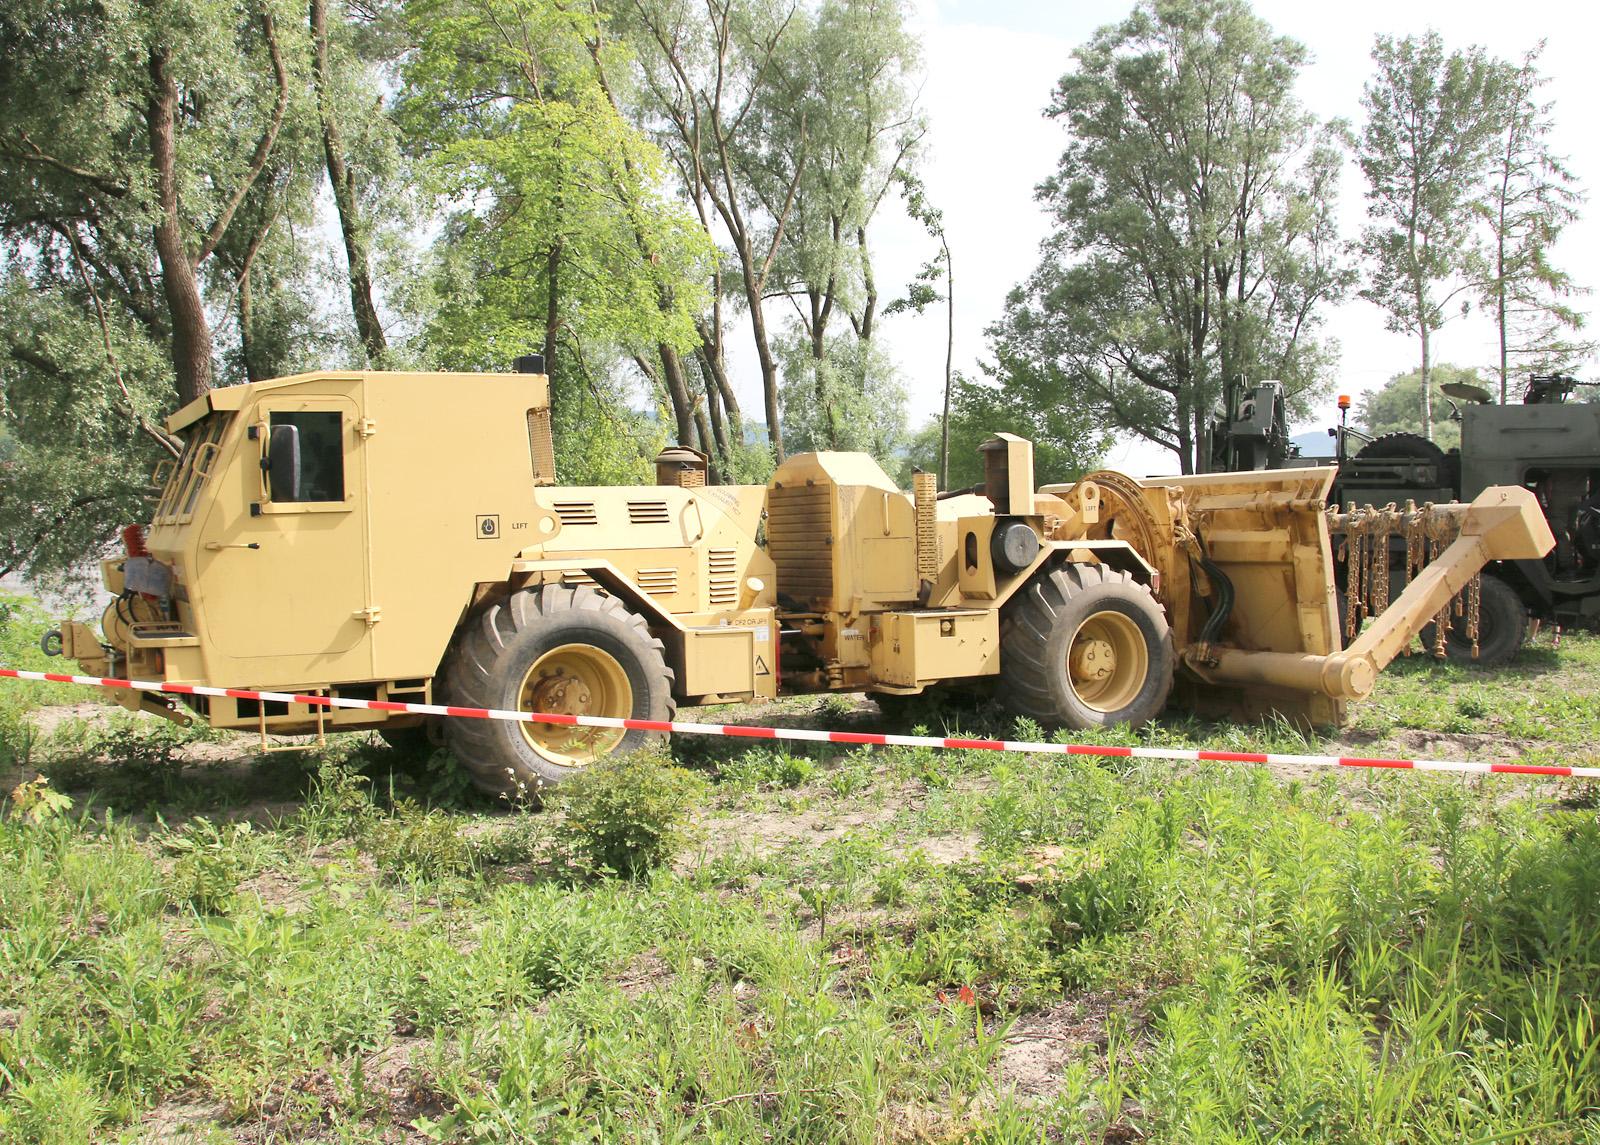 Hydrema Minenräumgerät 910 MCV-2. Beim der US Army ist das dänische Fahrzeug als M1271 Medium Flail Clearing Vehicle eingeführt © Doppeladler.com